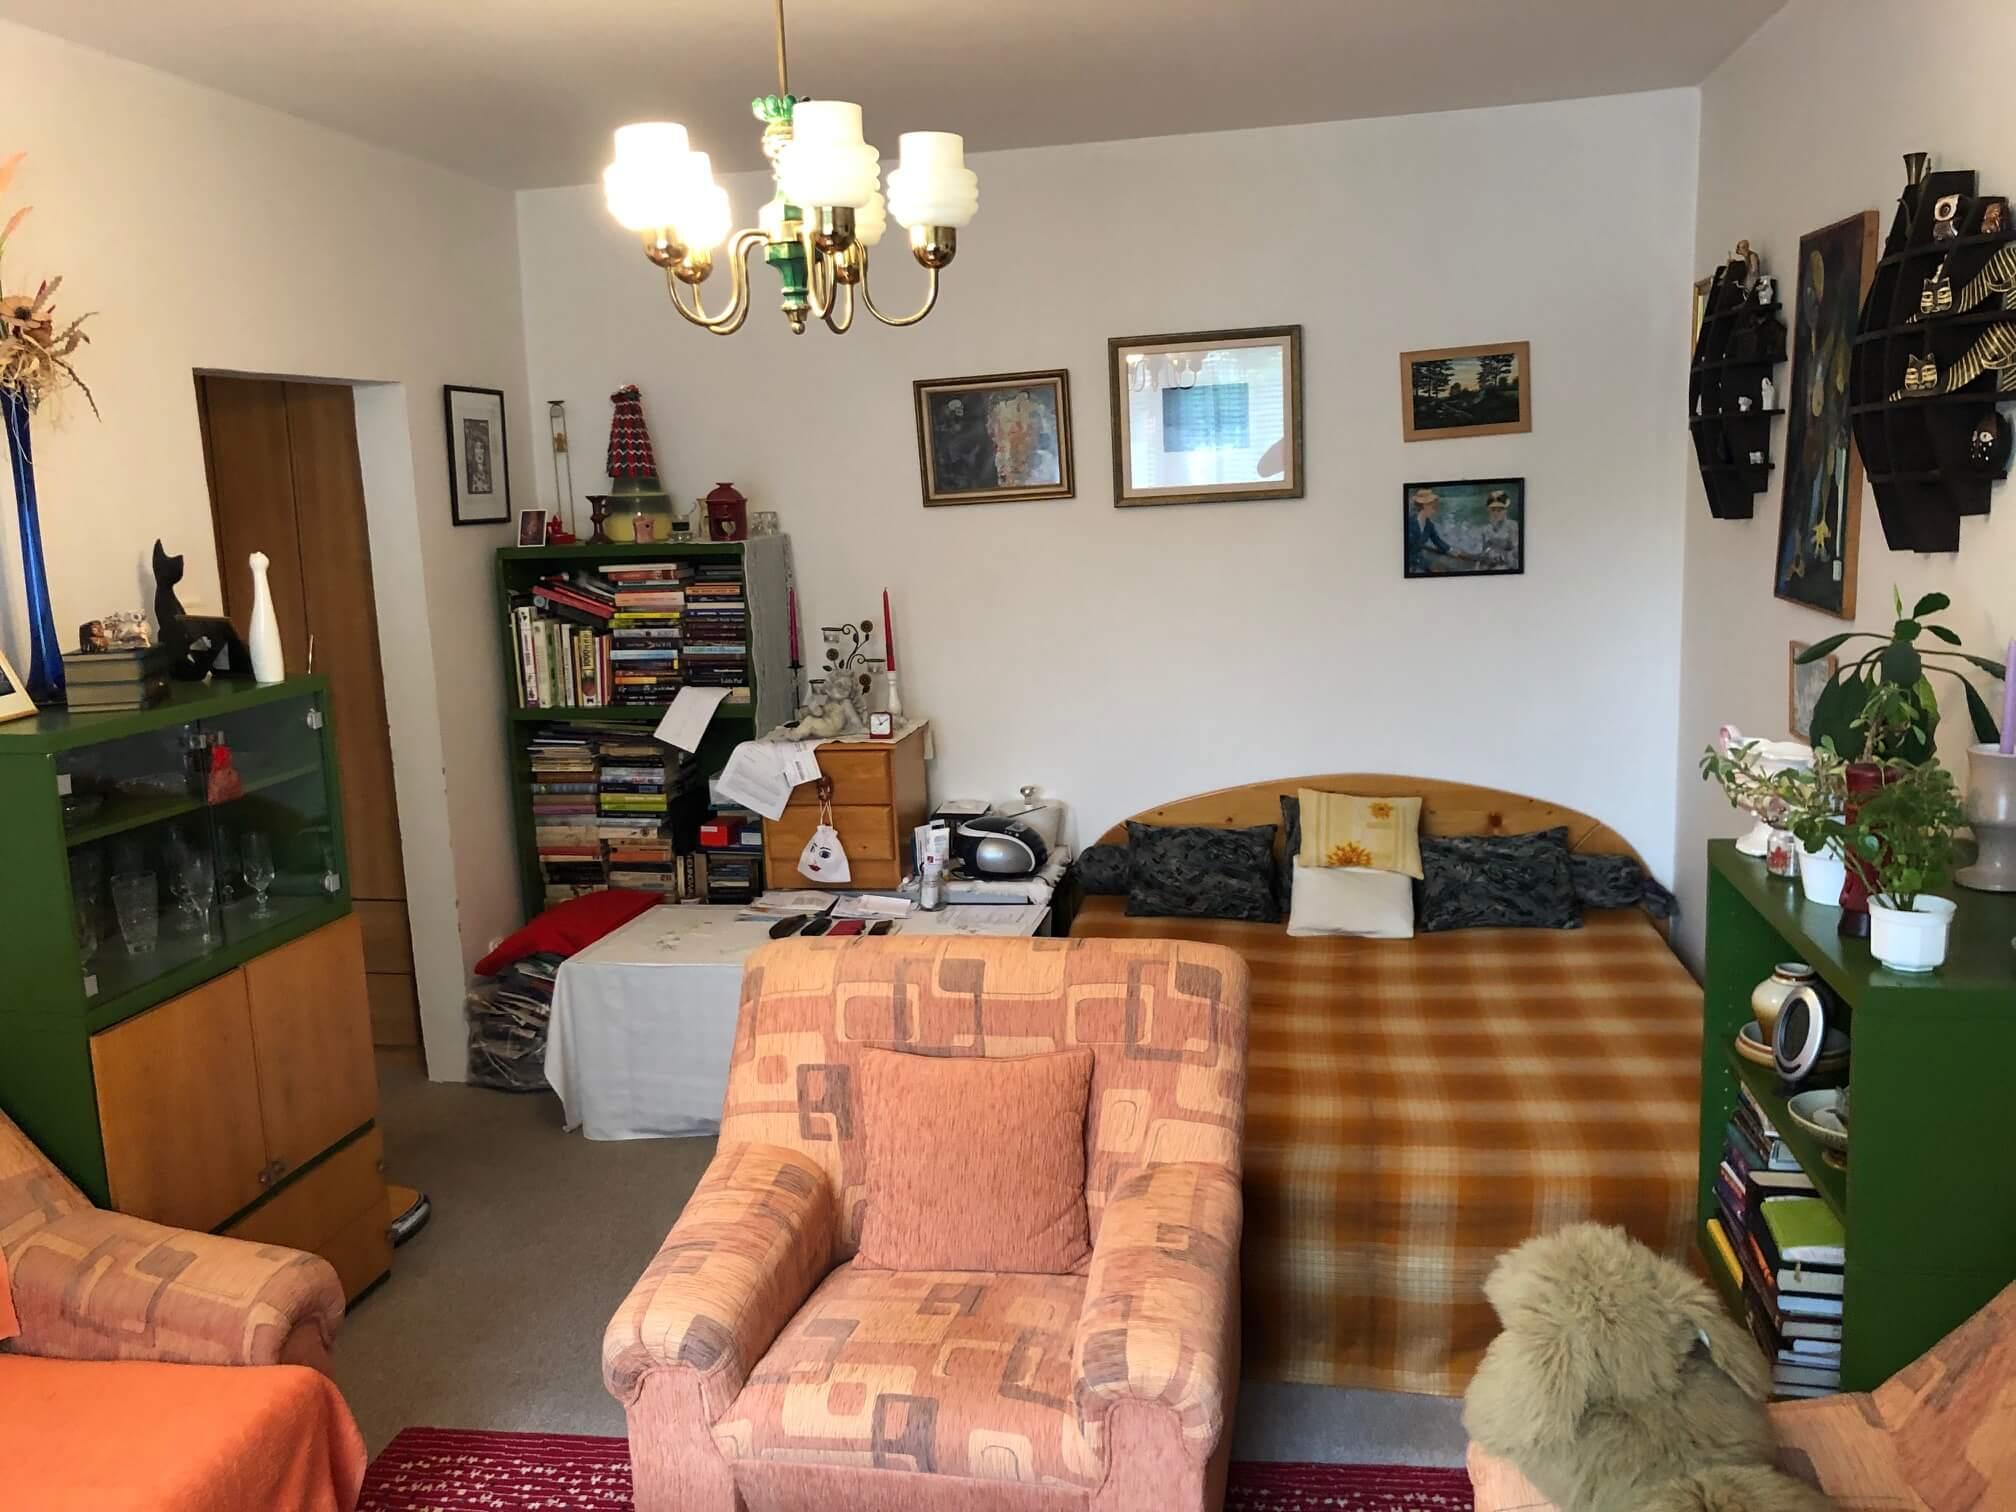 Predaný: 1 izbový byt, Ipeľská, Bratislava, 38m2, nízke náklady, parkovanie, vynikajúca občianska vybavenosť-3